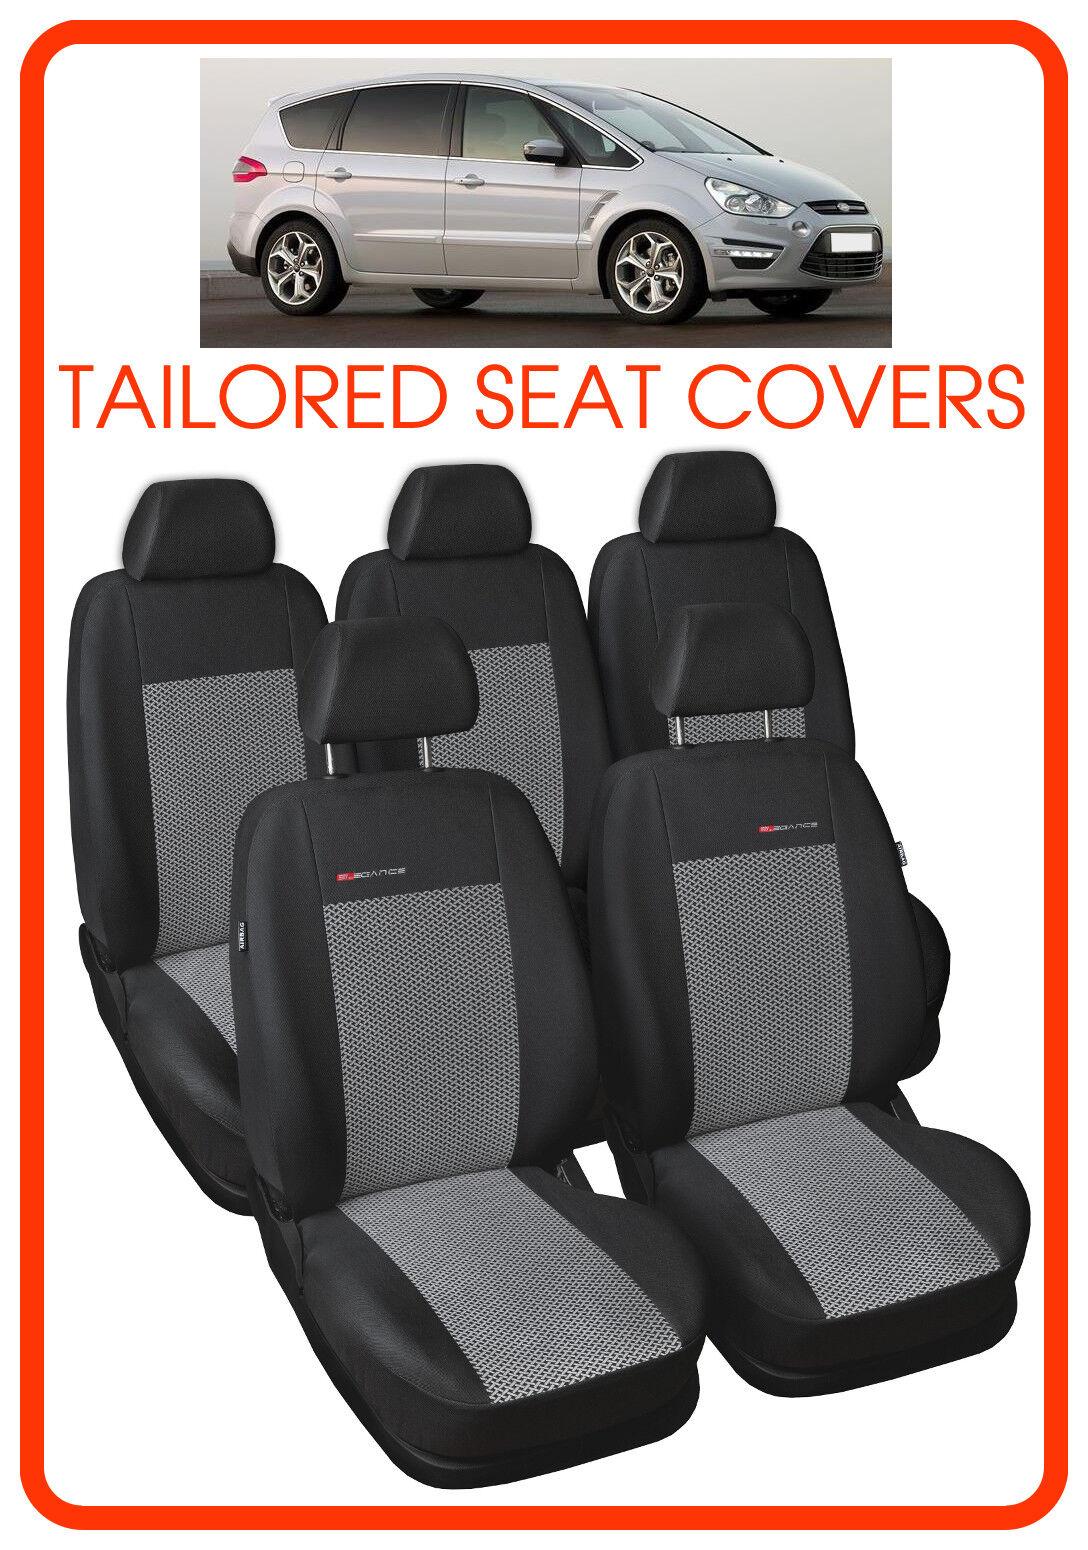 FORD SMAX su misura seat covers 2006  2015 Set Completo 5 posti modello 2